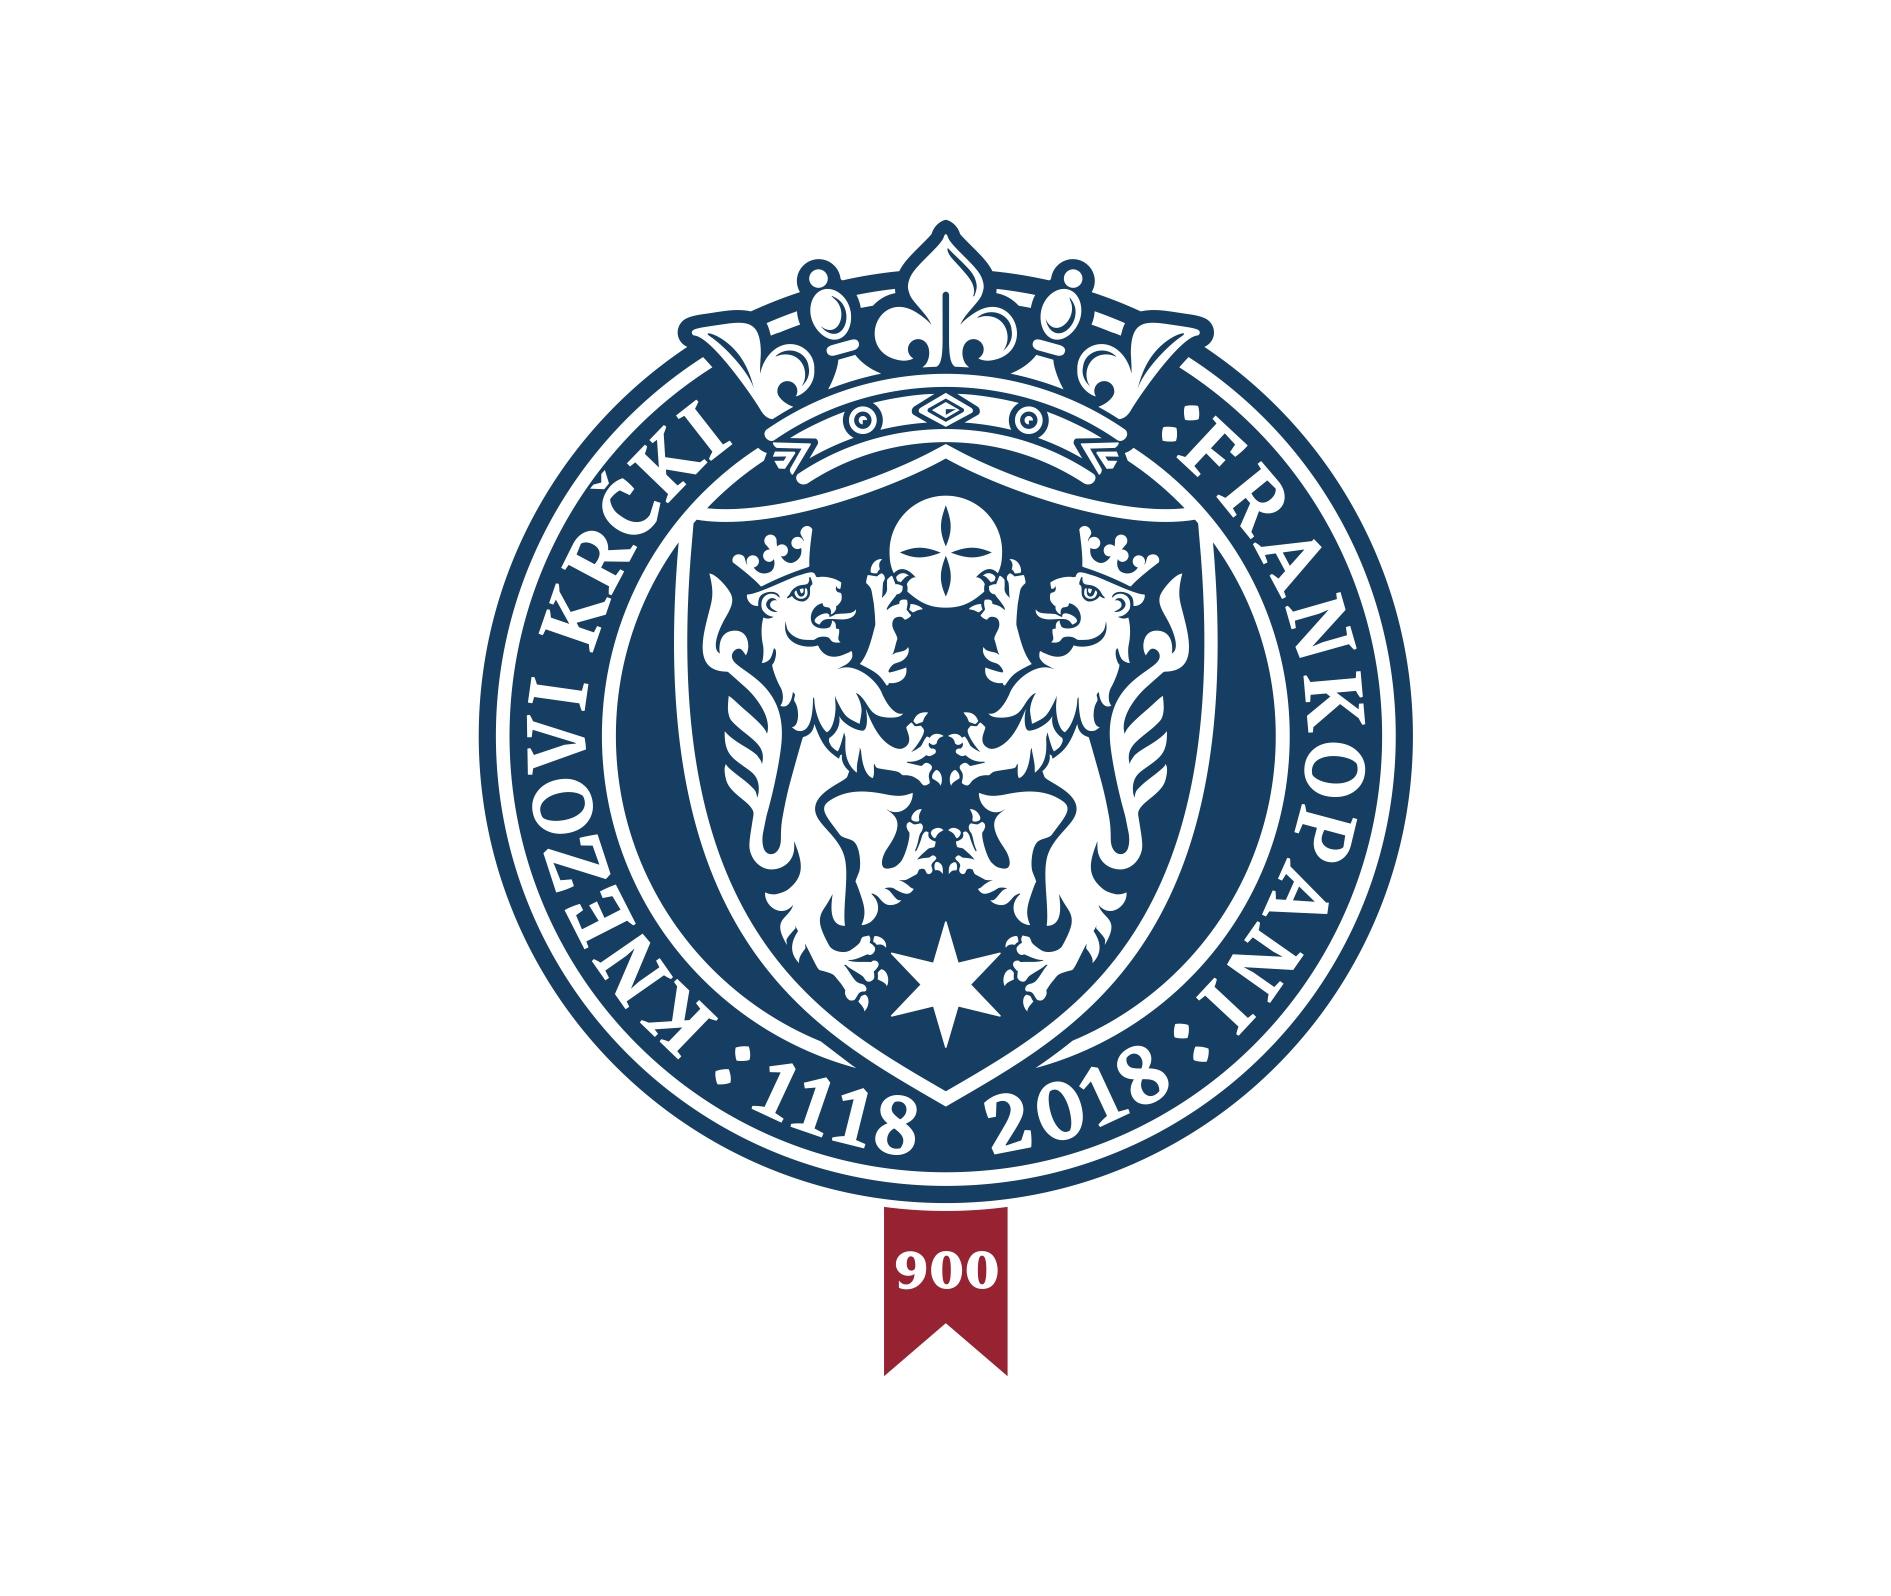 Logo emblem with lion crest.   Logotip s grbom Frankopana